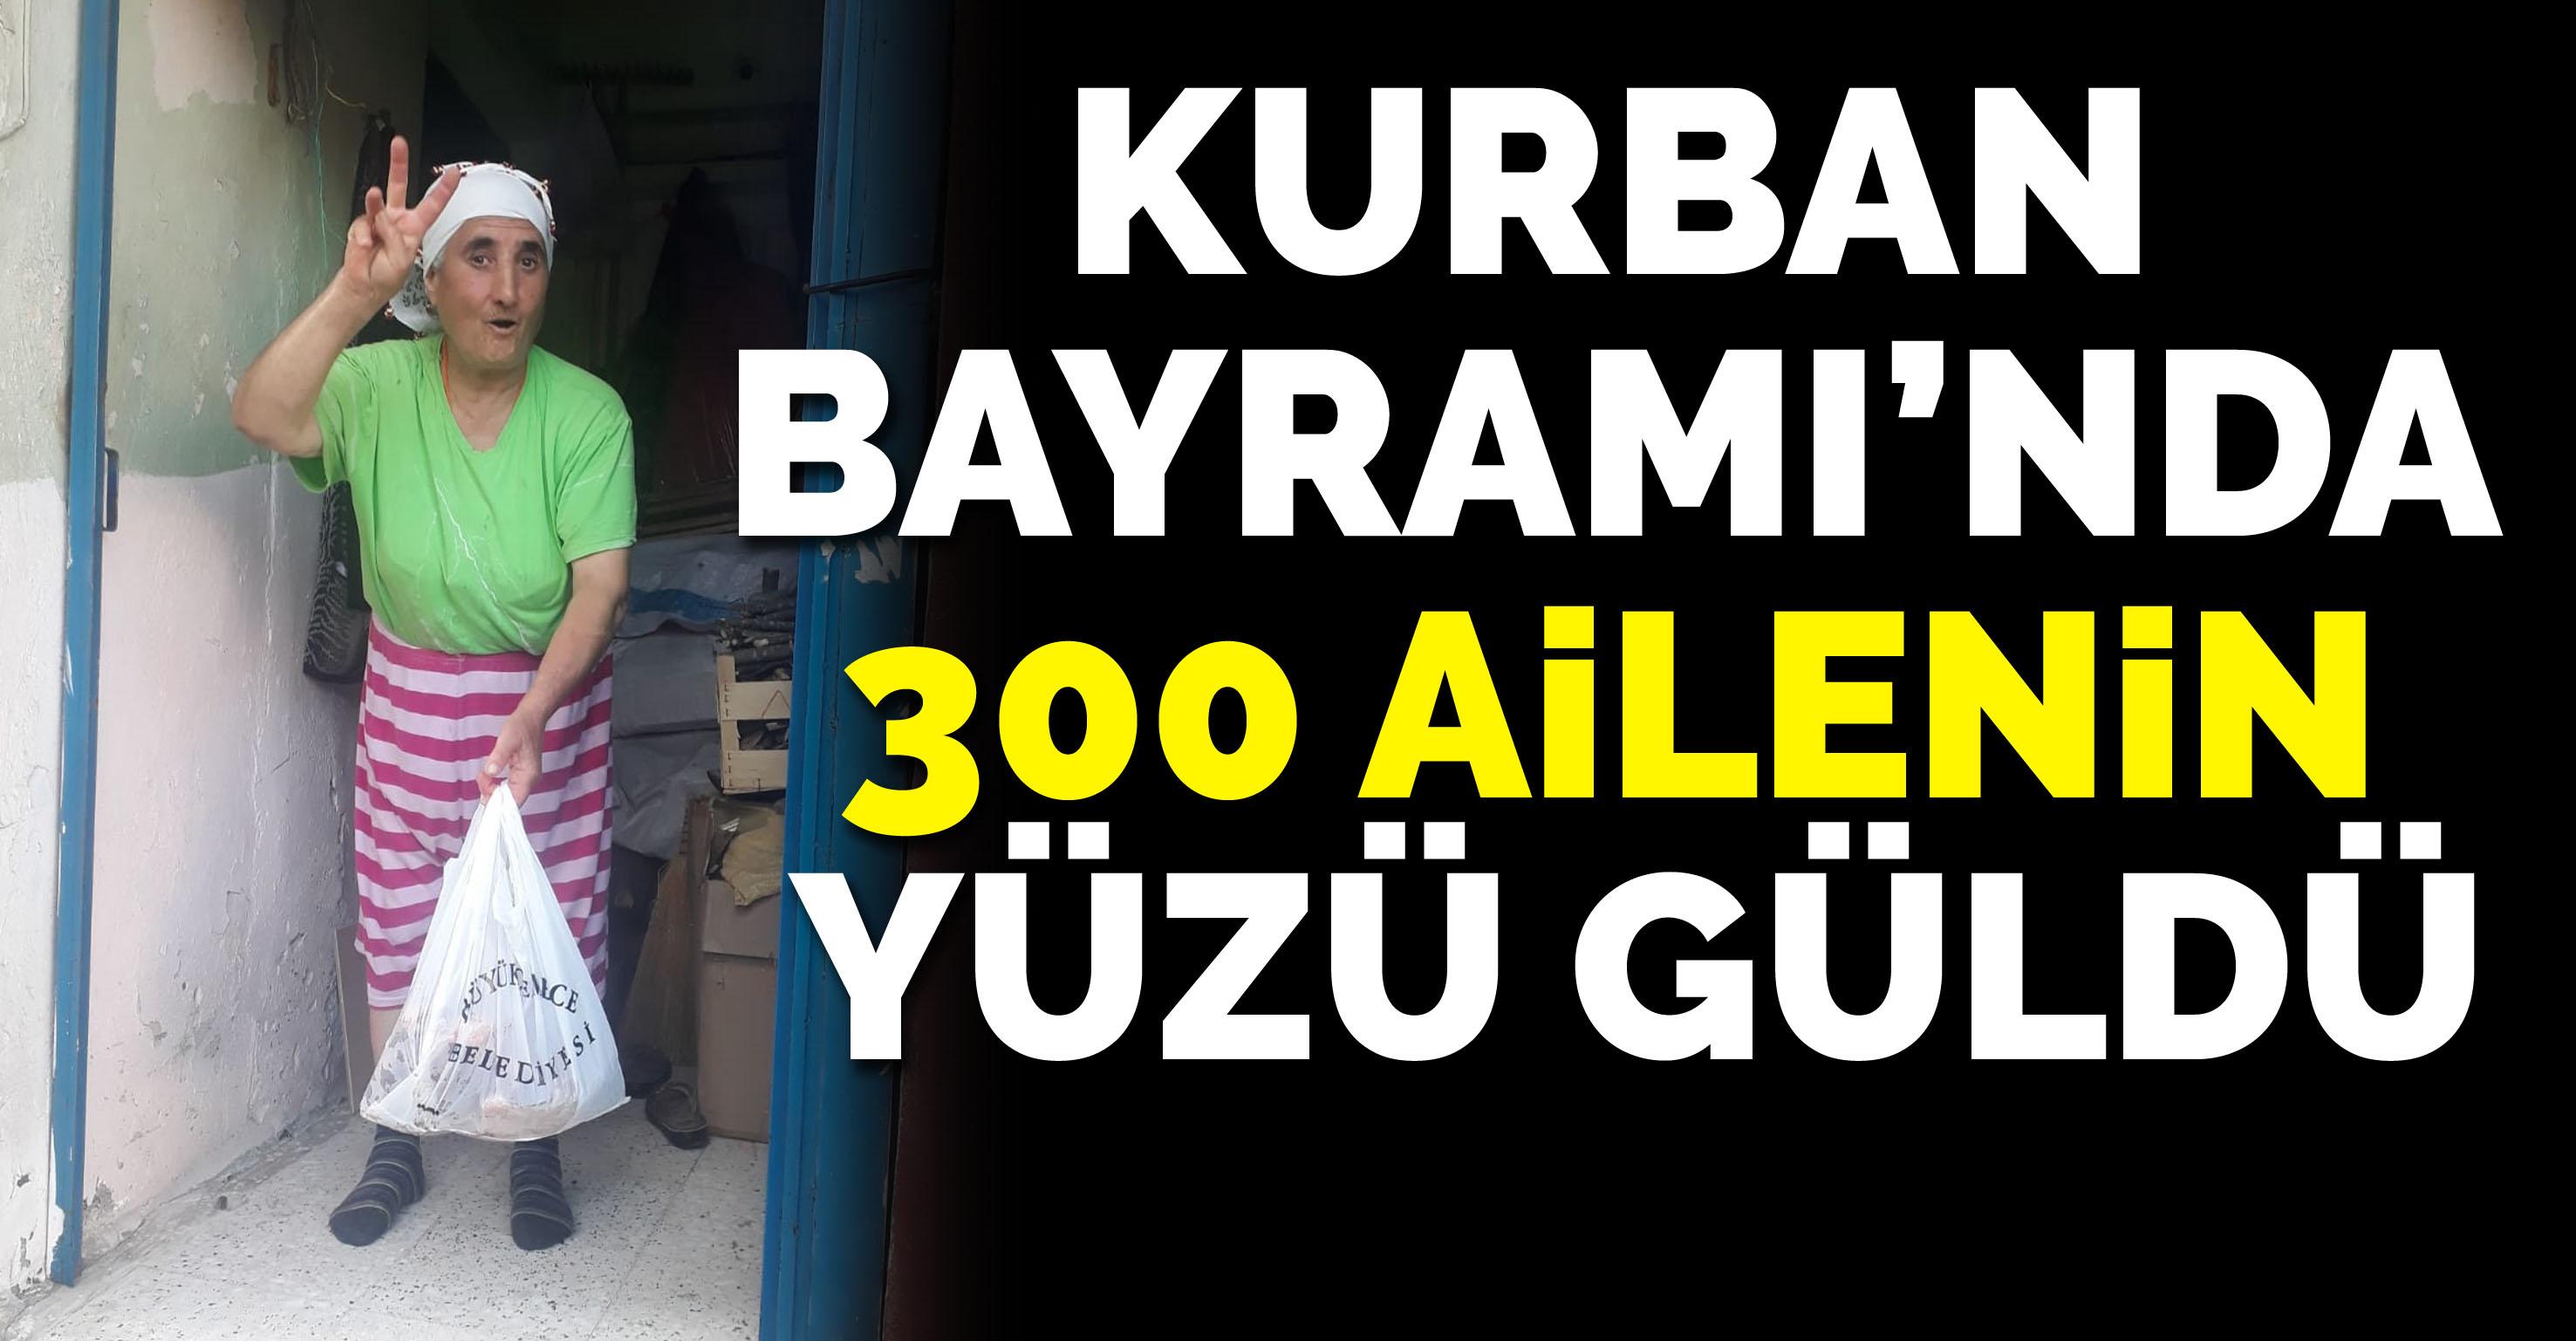 Büyükçekmece Belediyesi Kurban Bayramı'nda 300 ailenin yüzünü güldürdü